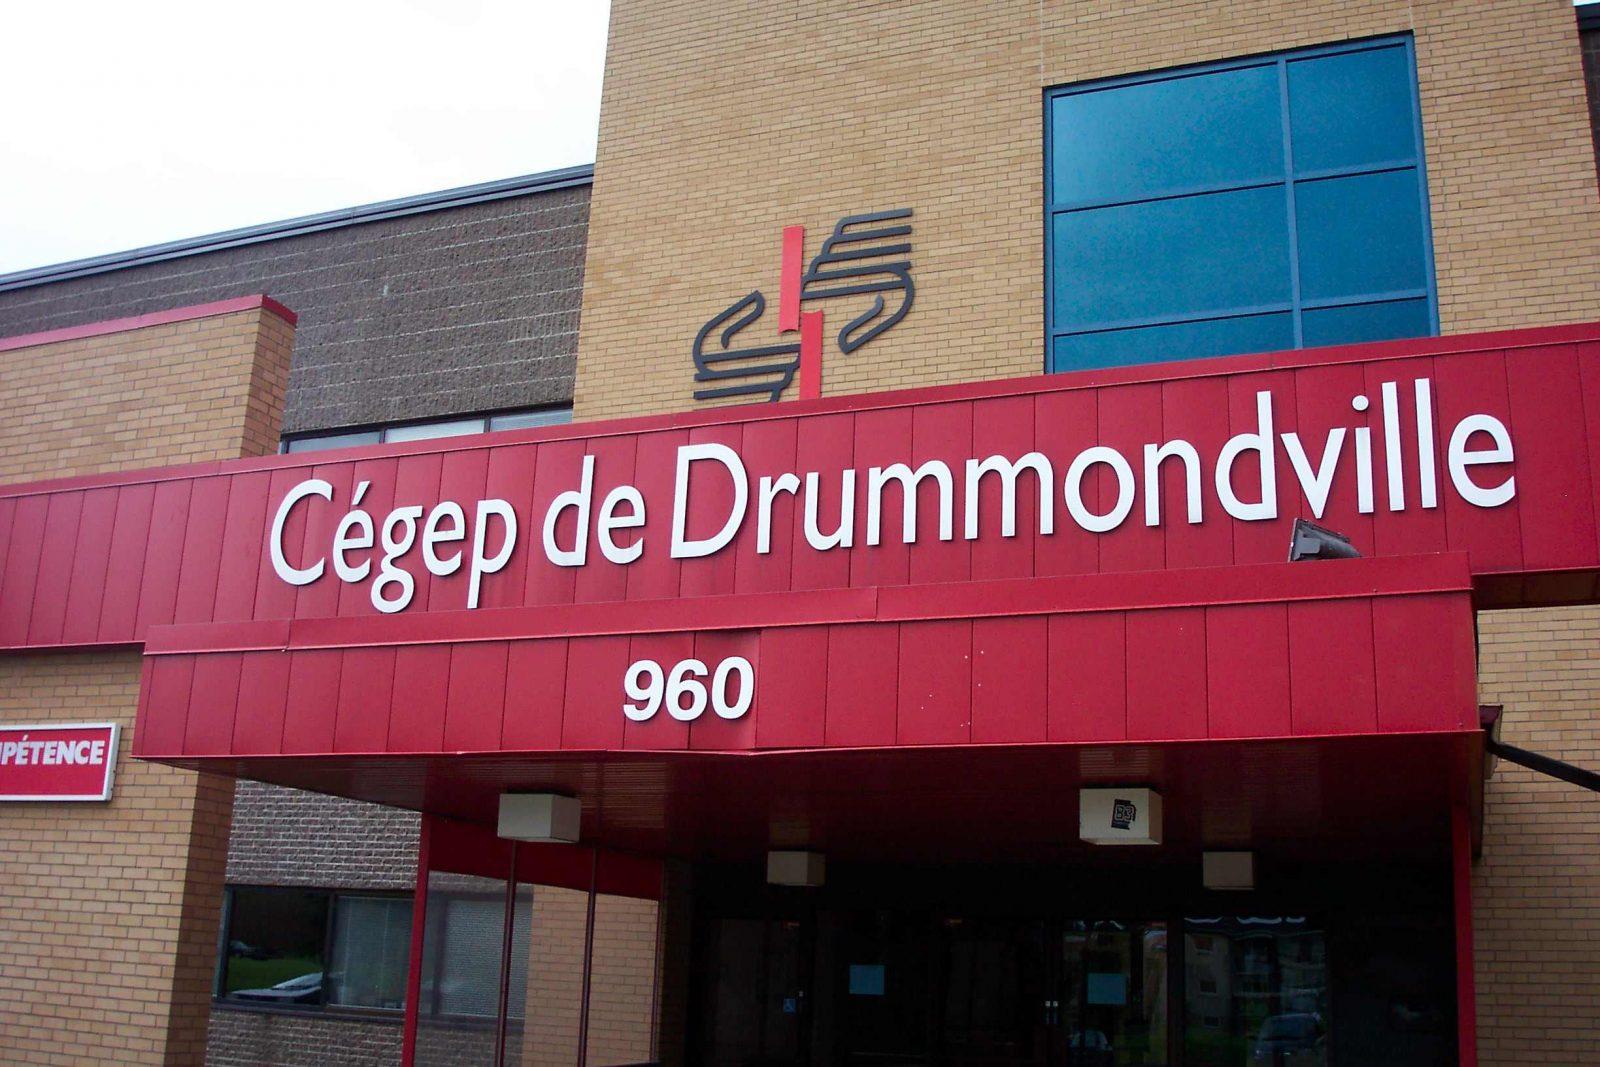 Une rentrée scolaire en présentiel au Cégep de Drummondville